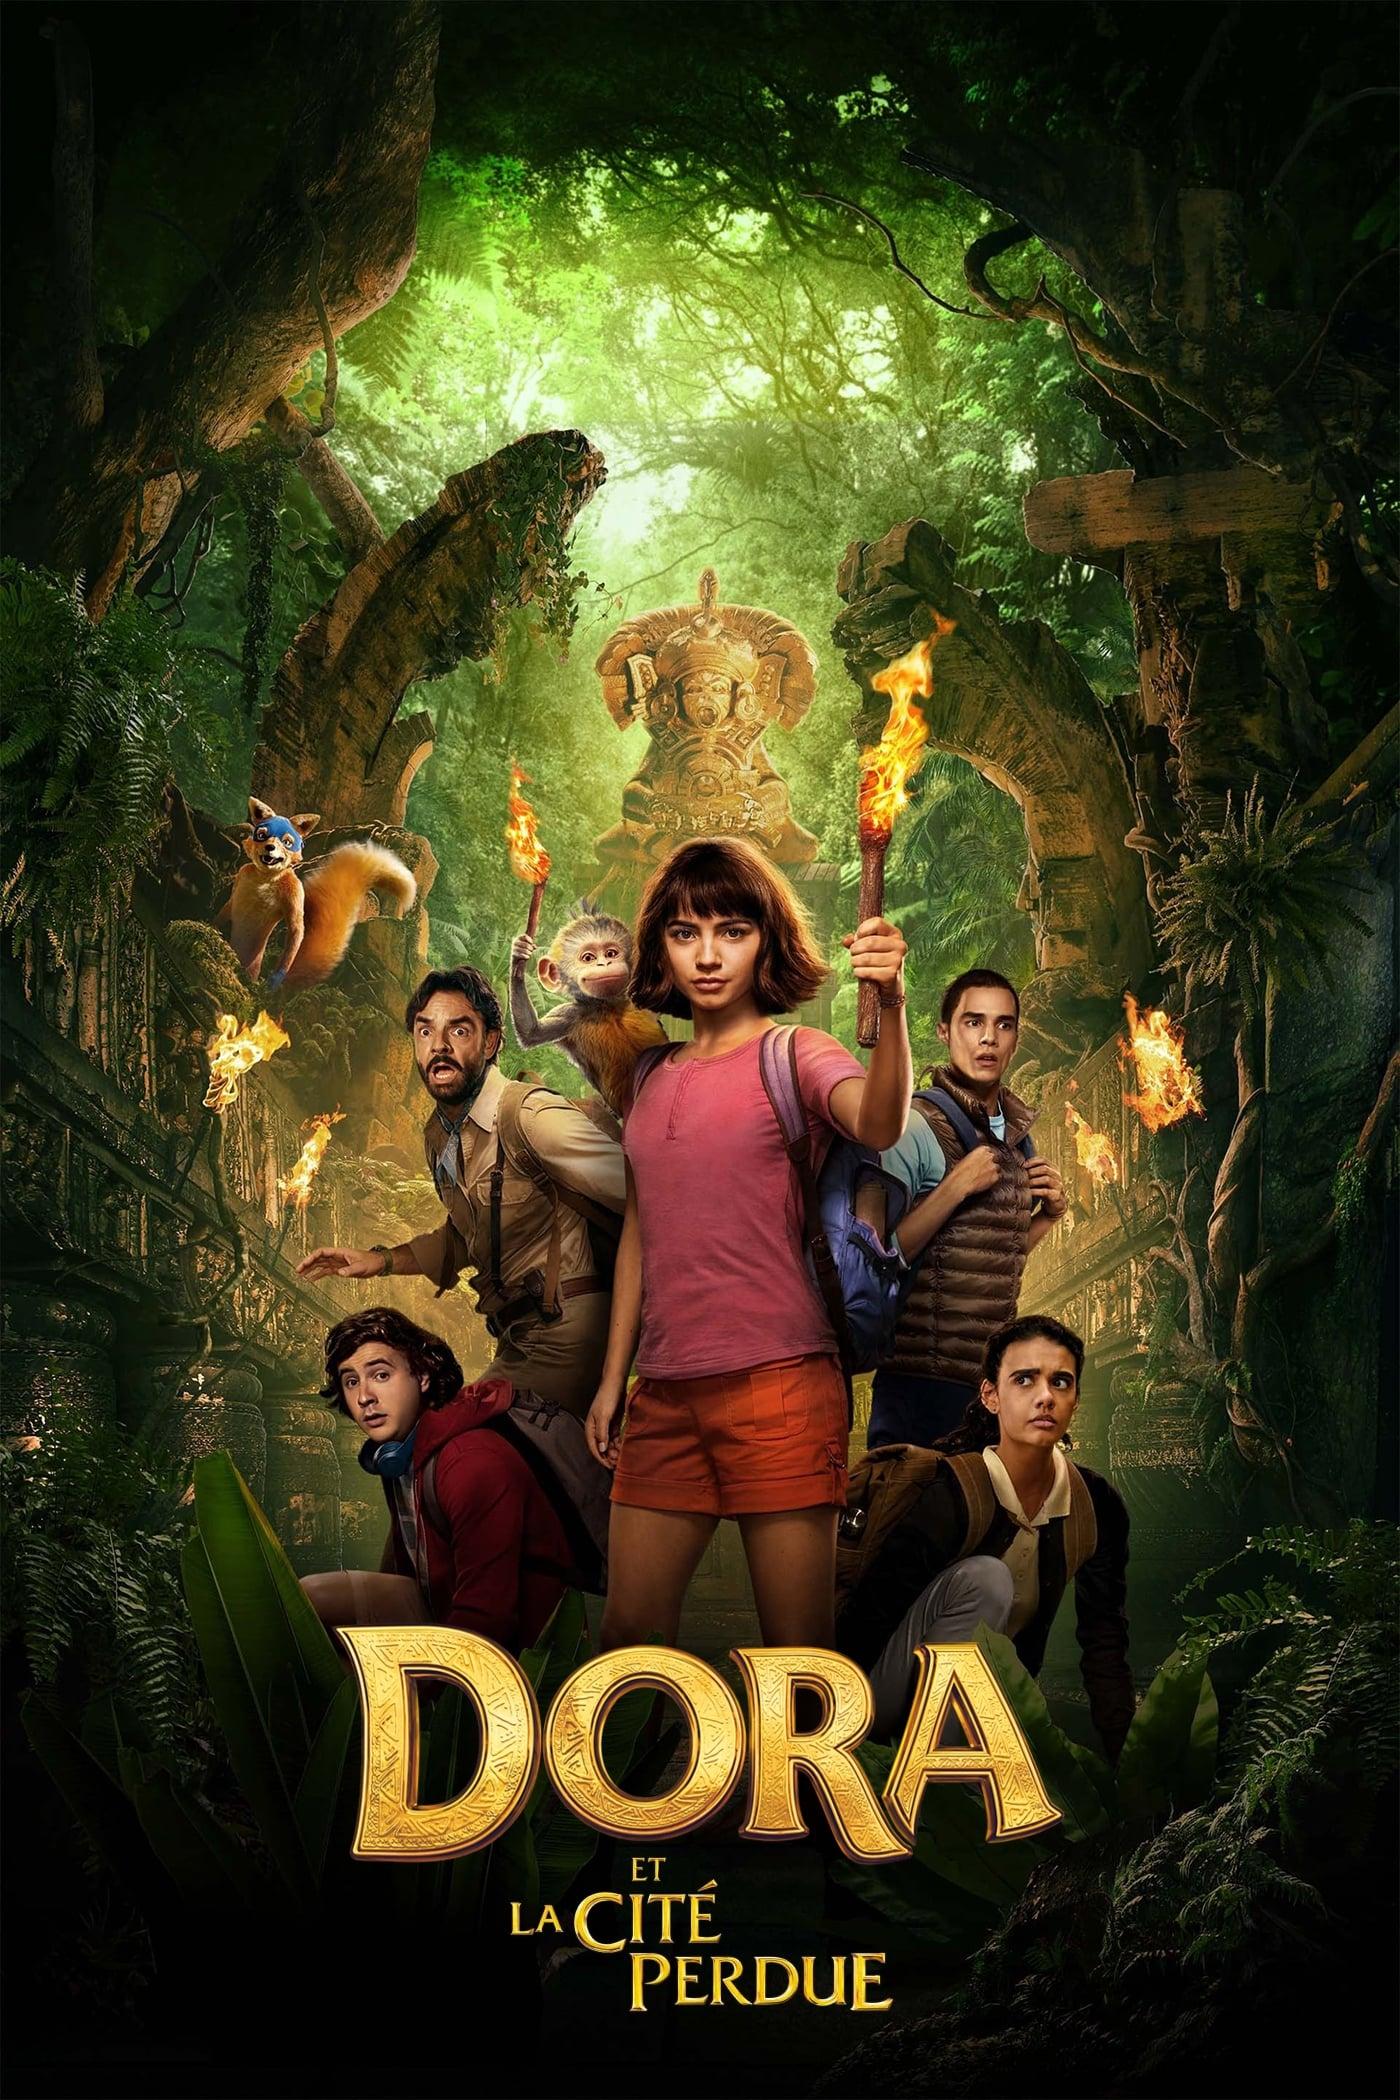 Dora et la Cité perdue streaming sur zone telechargement